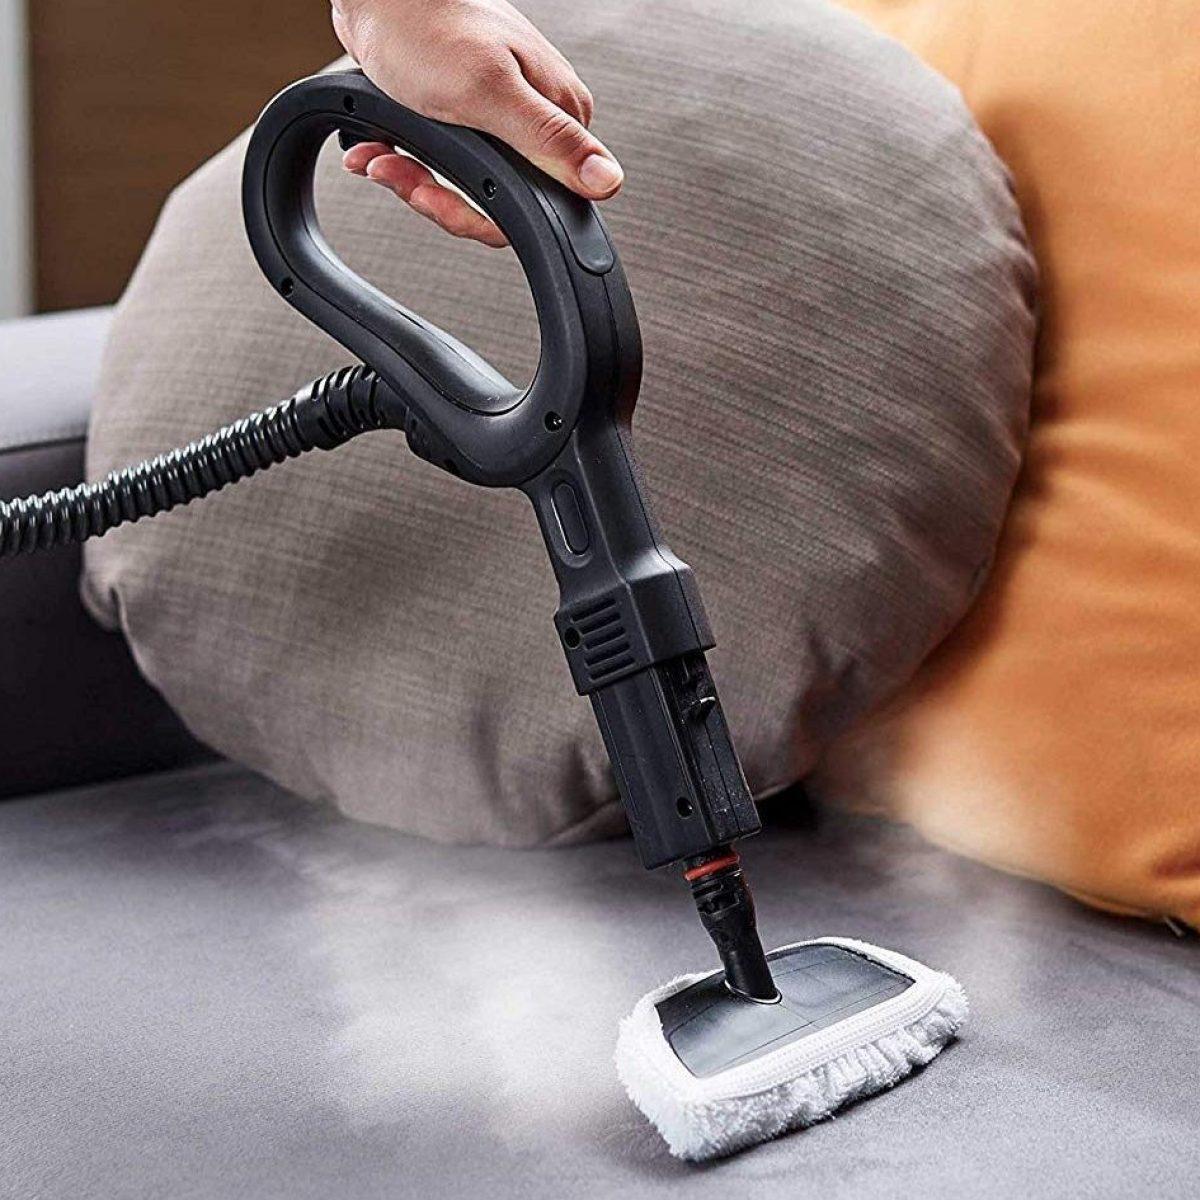 I migliori pulitori a vapore: classifica e guida all'acquisto